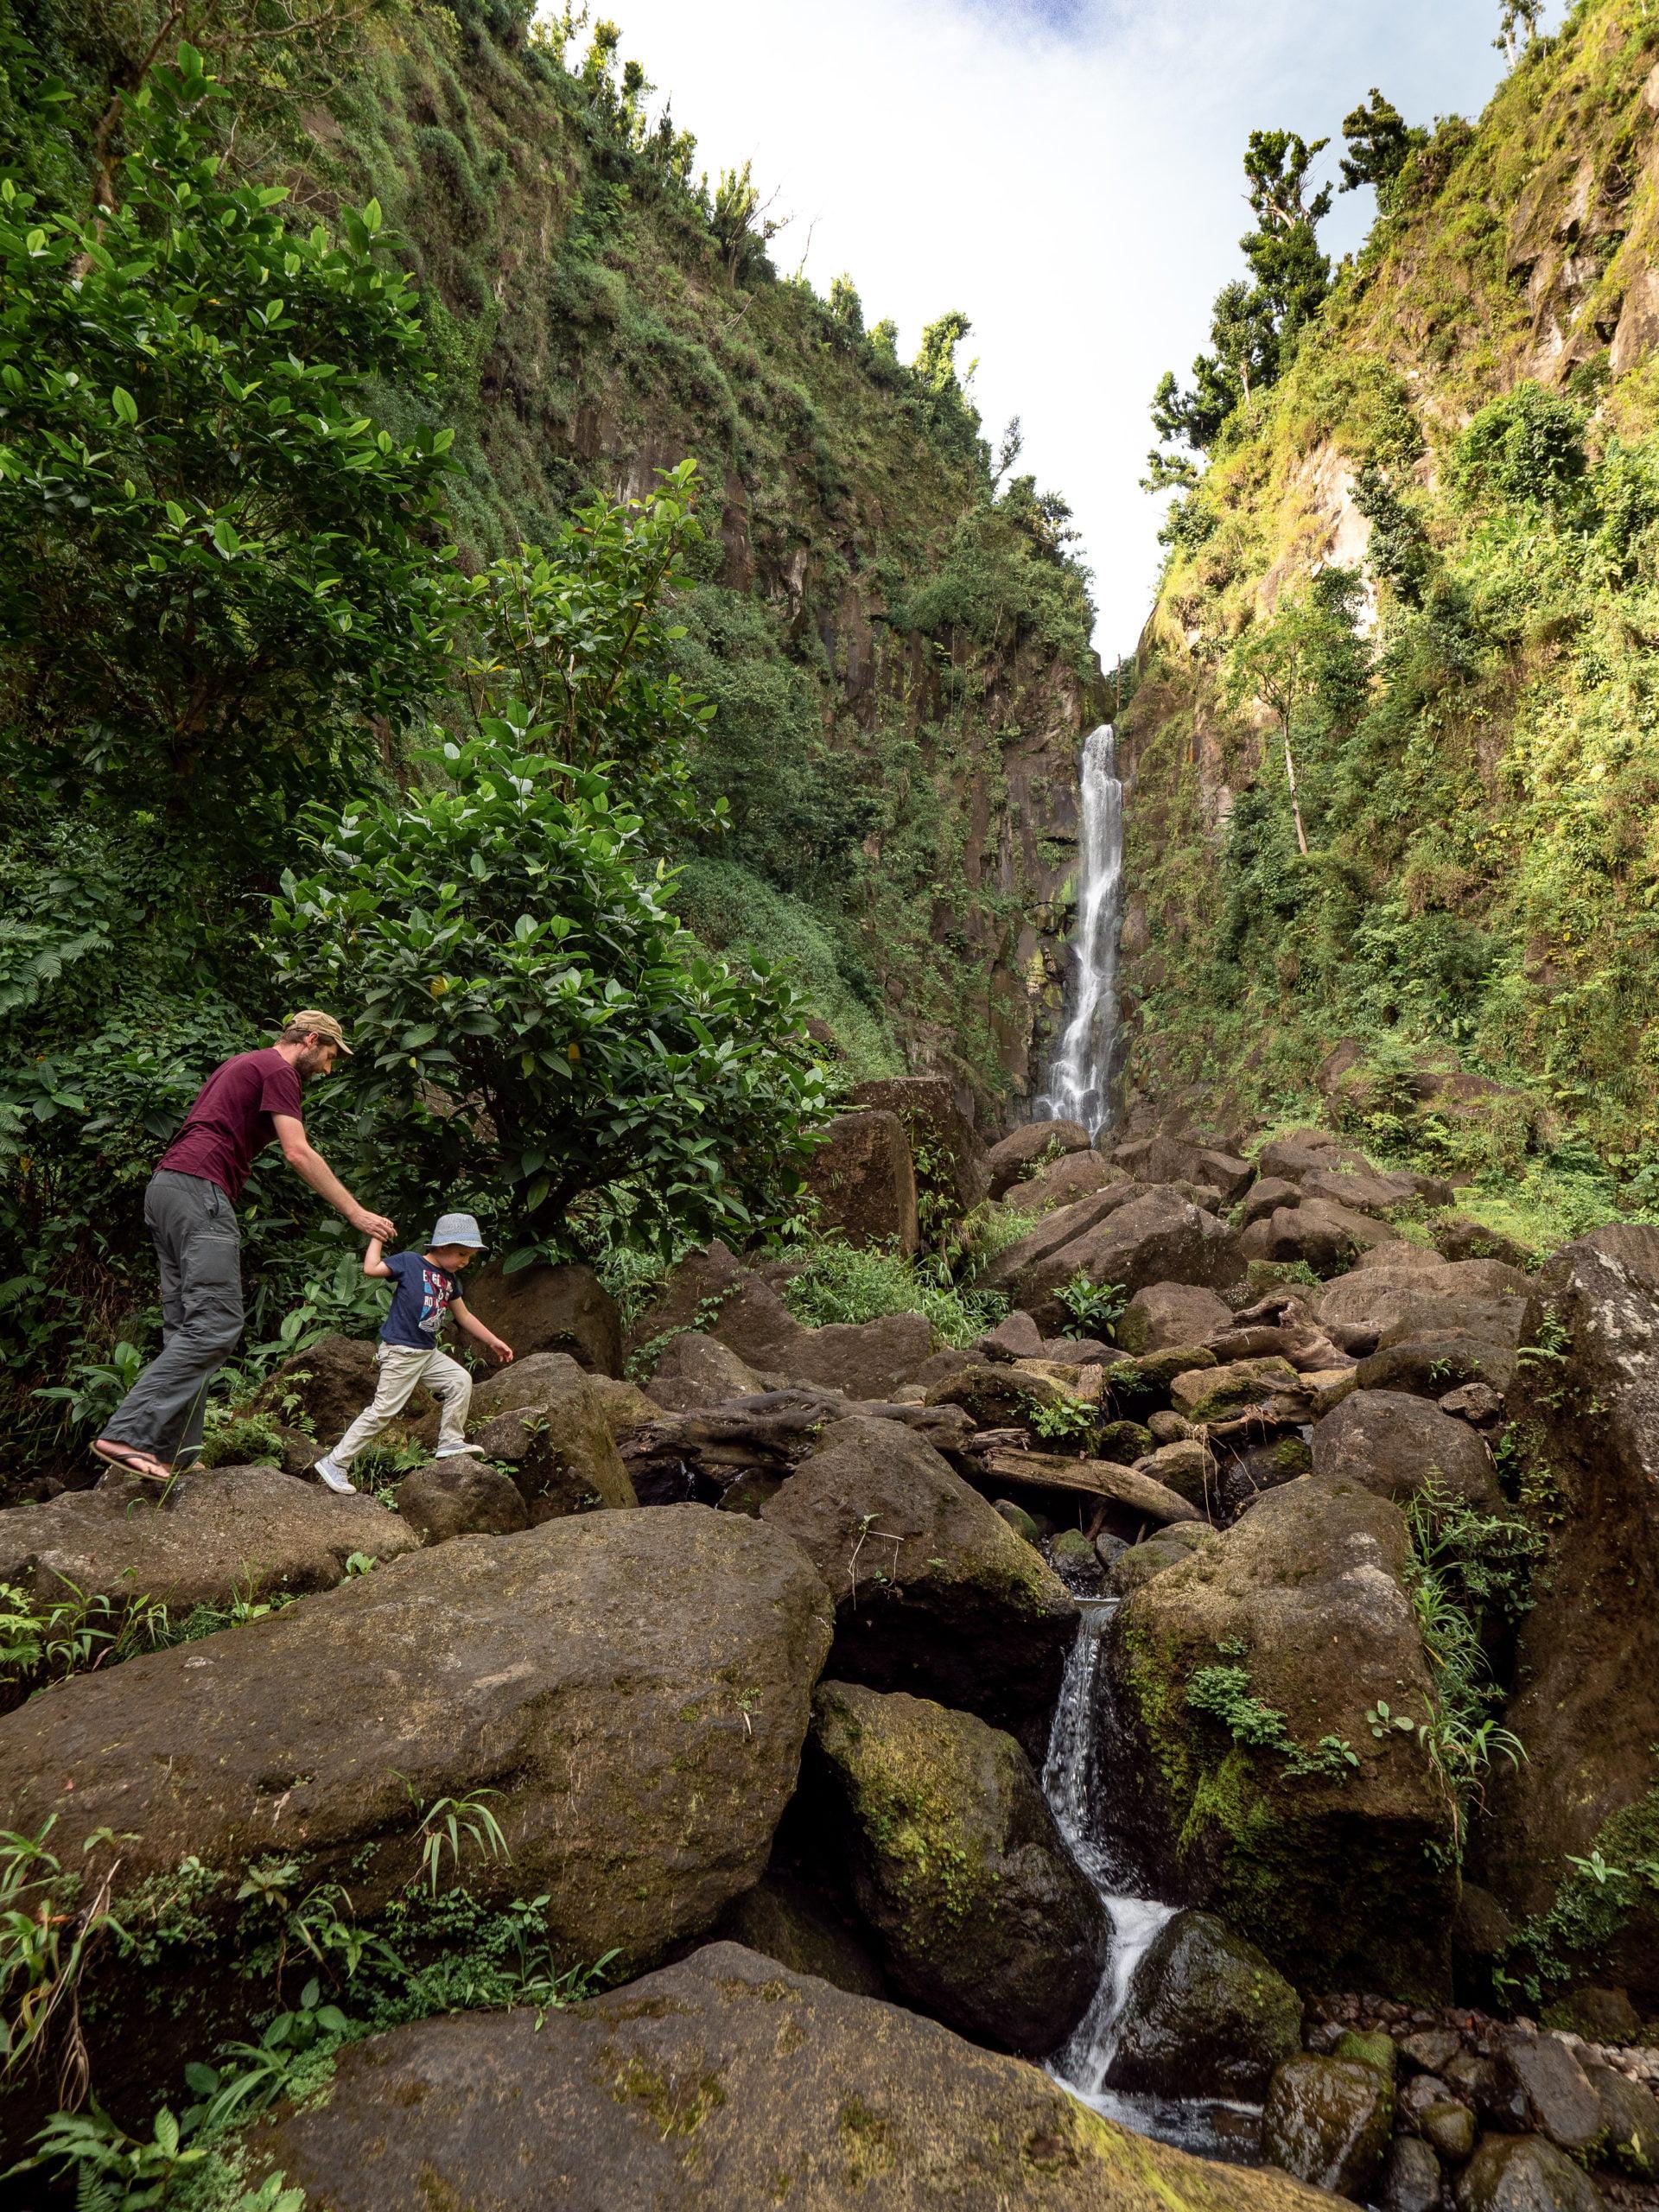 trafalgar falls 52545 - Les globe blogueurs - blog voyage nature